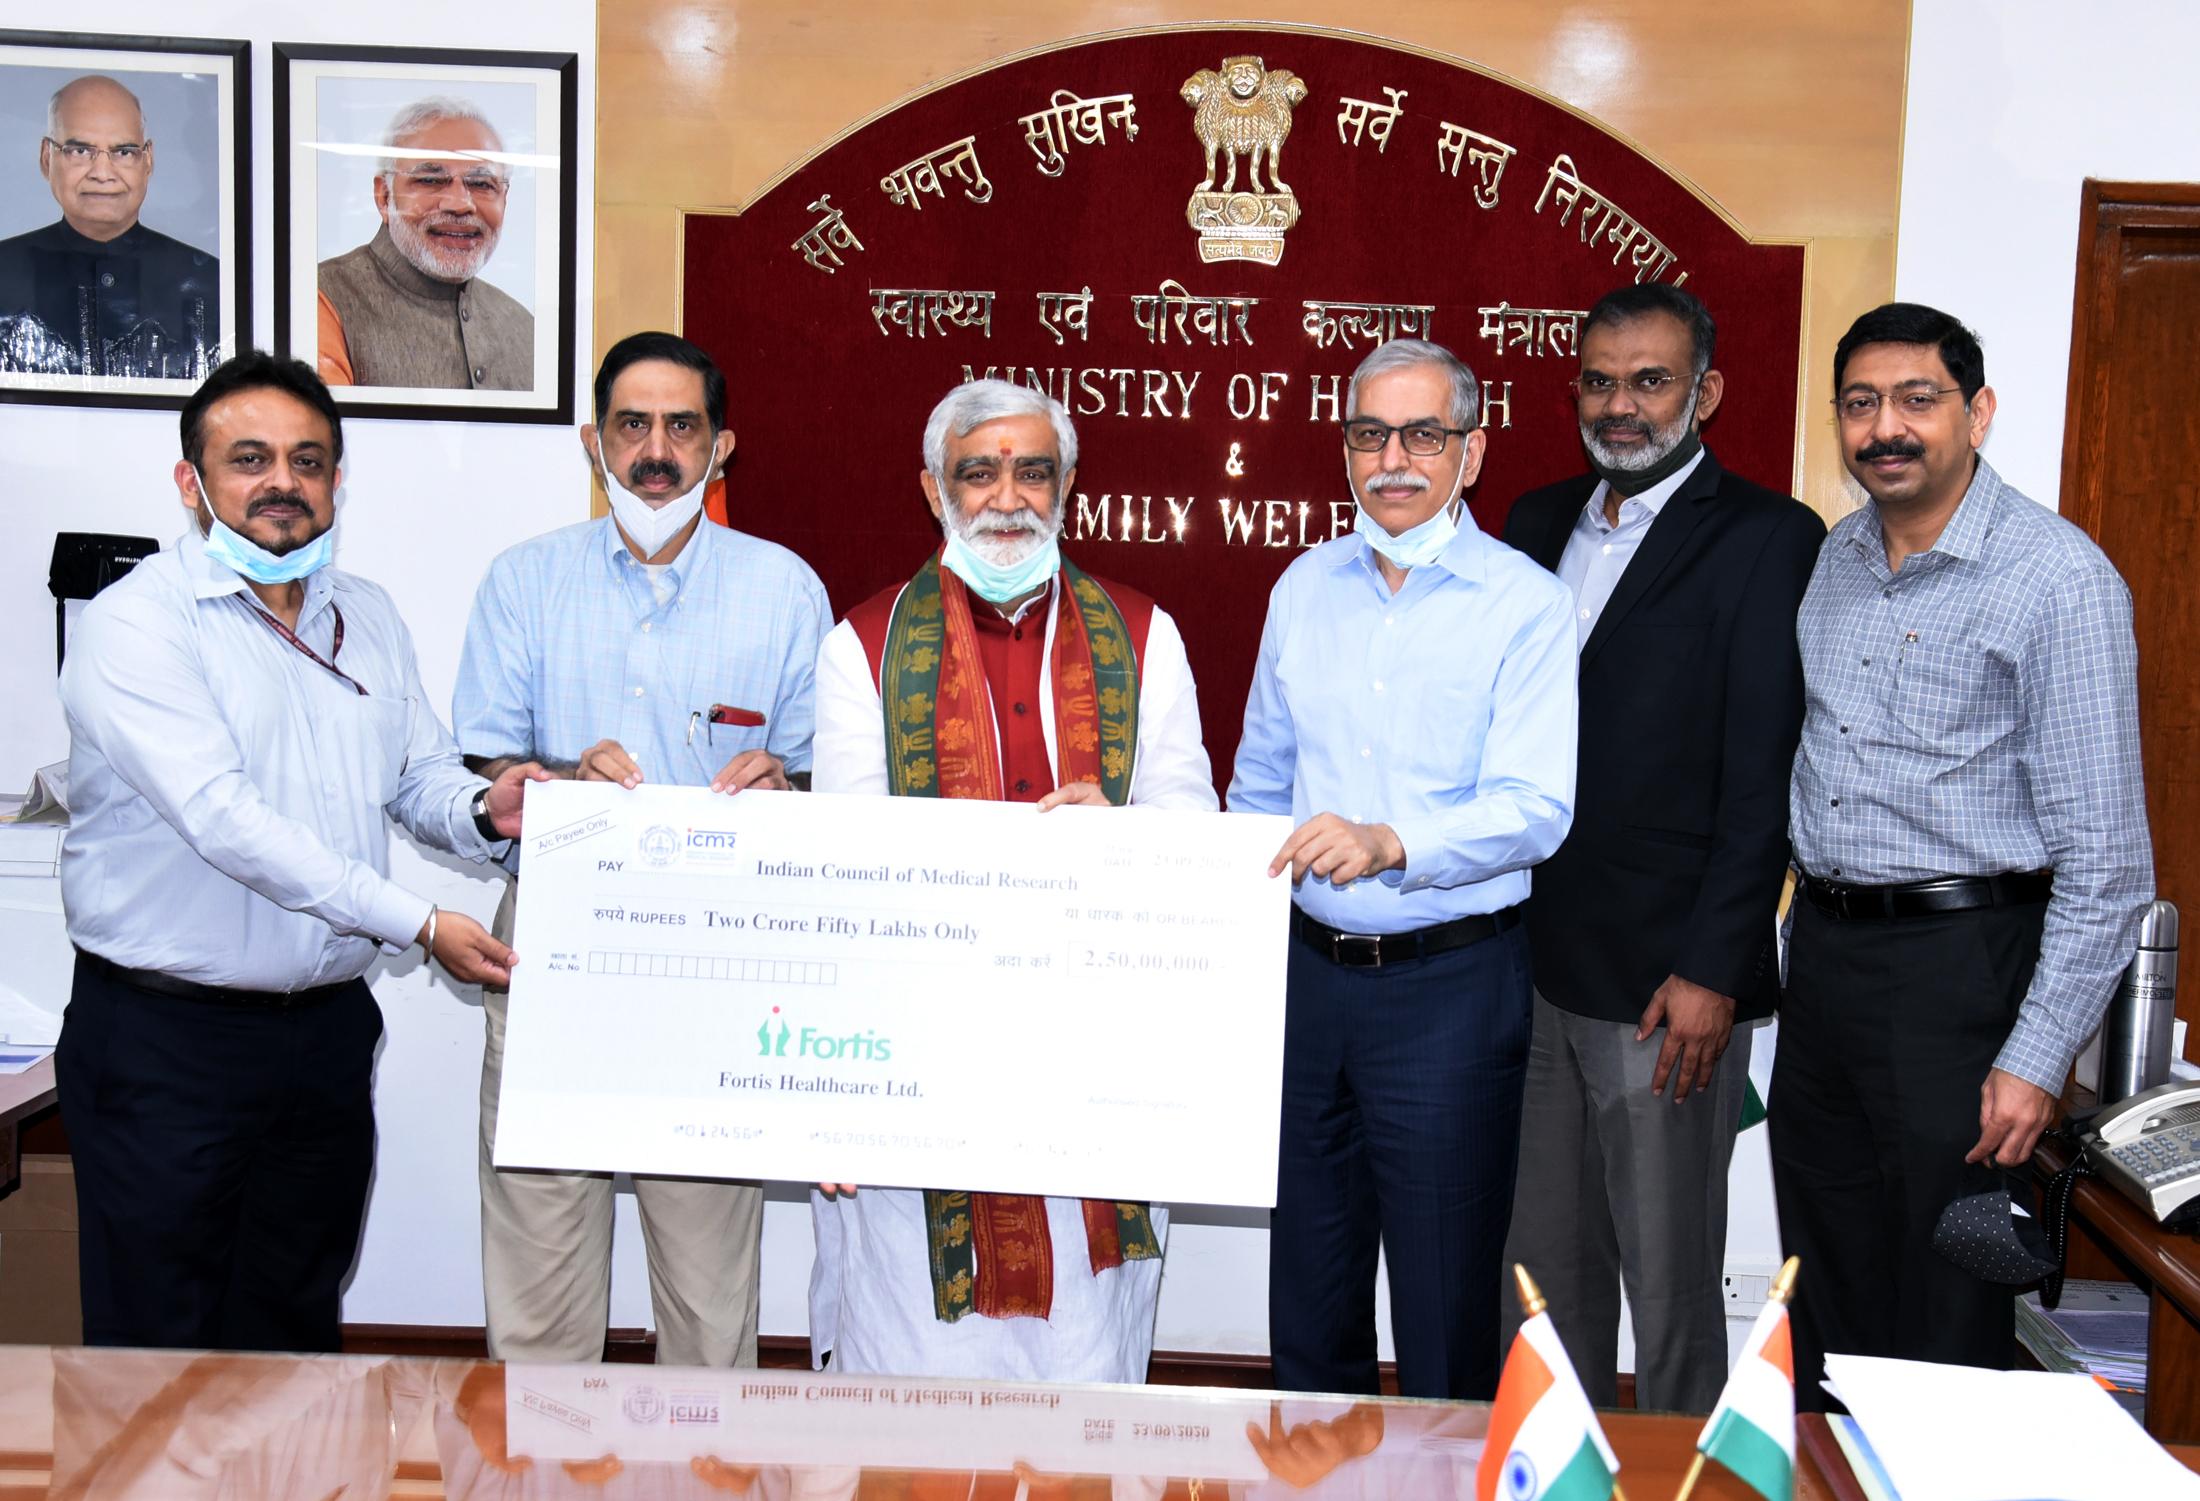 सीएसआर के लिए 2.5 करोड़ रुपये का चेक आईसीएमआर को सौंपा